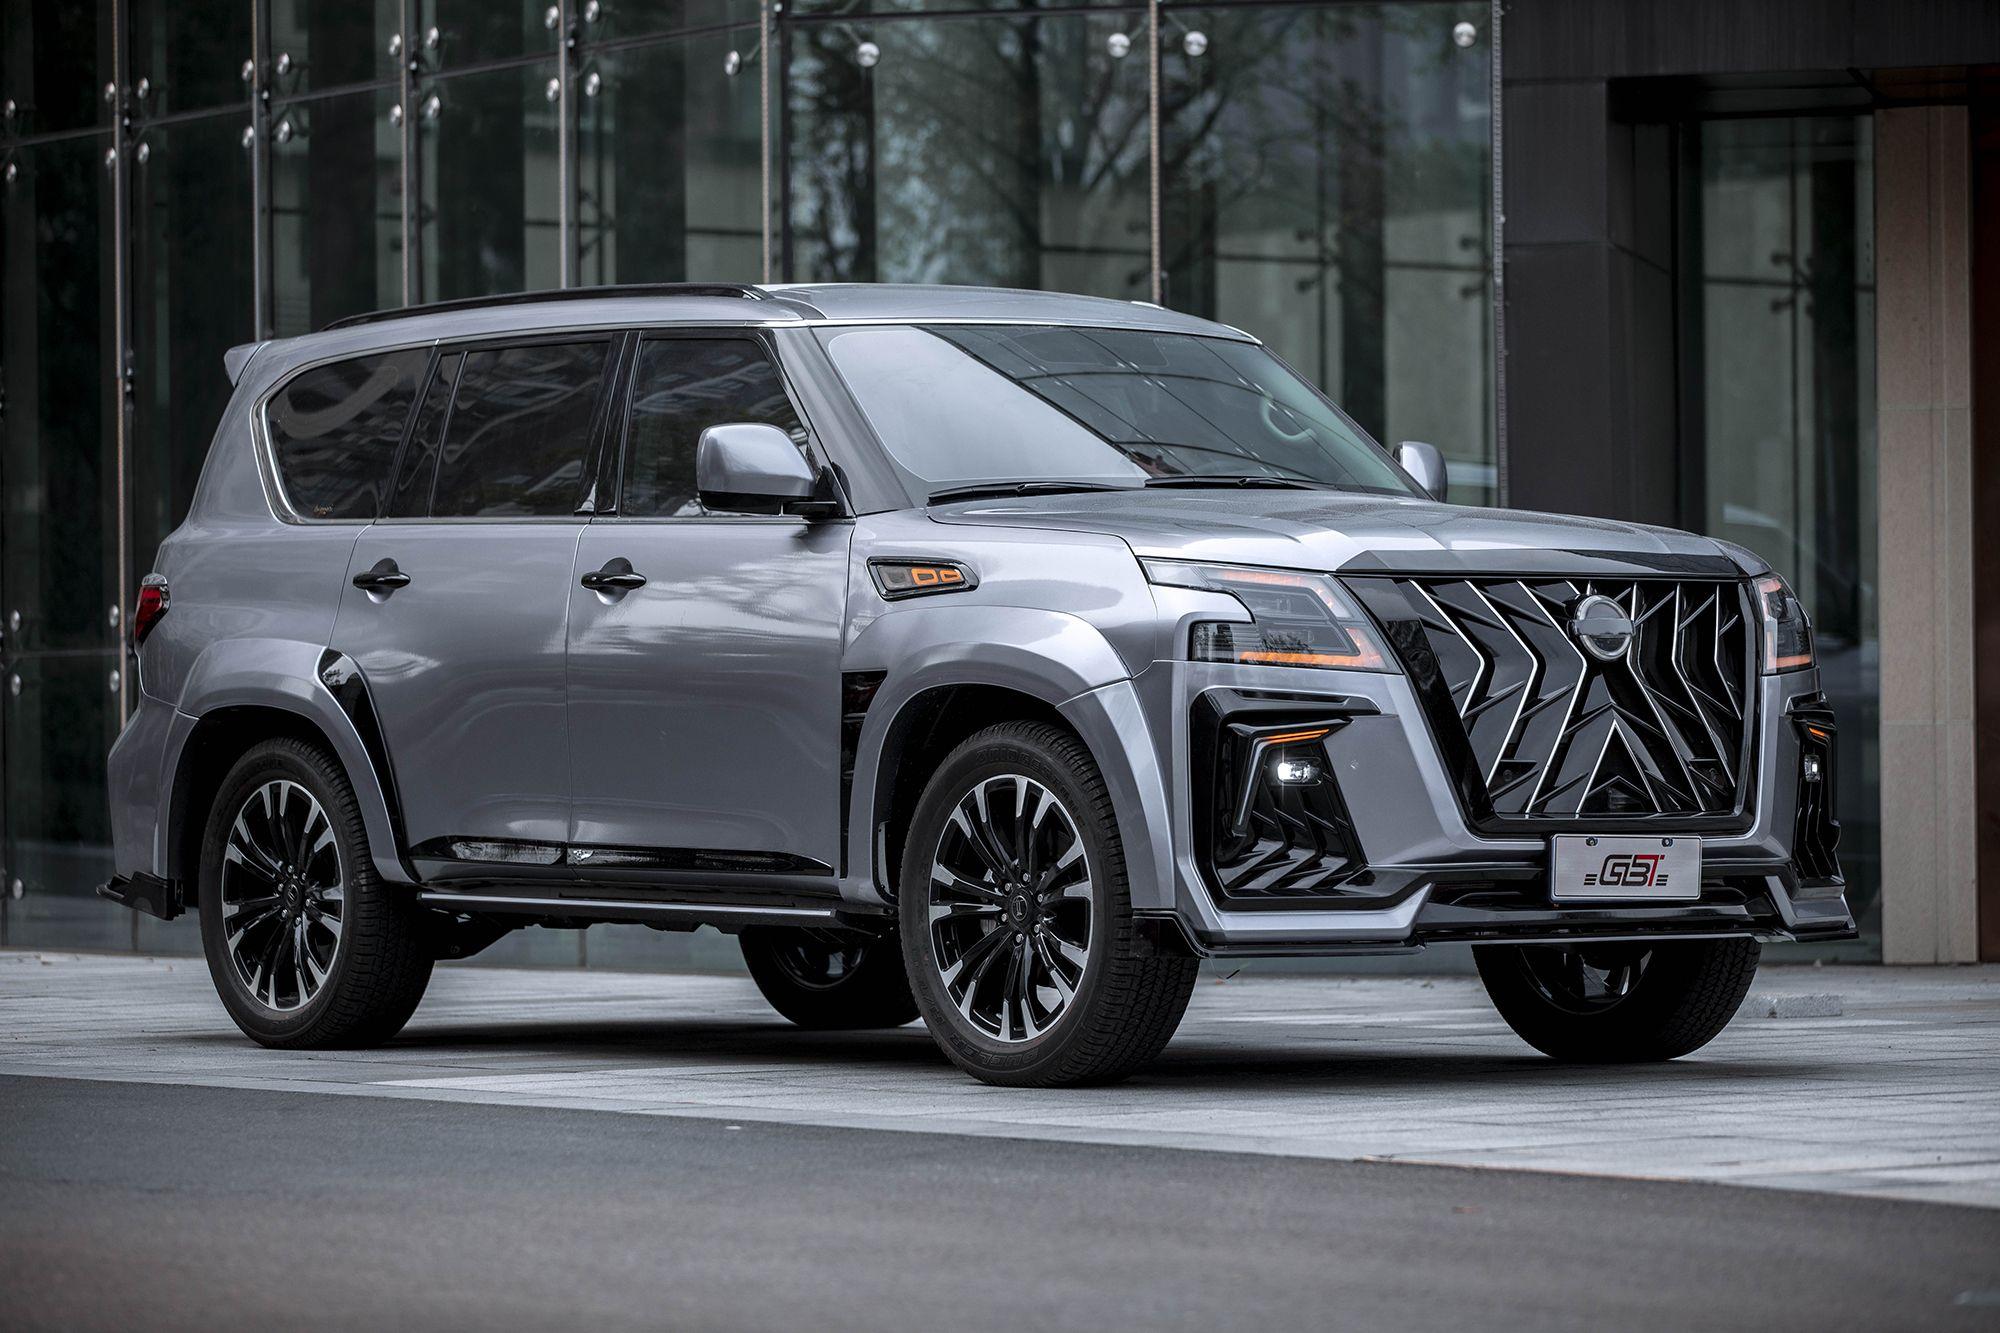 17++ Nissan luxury suv ideas